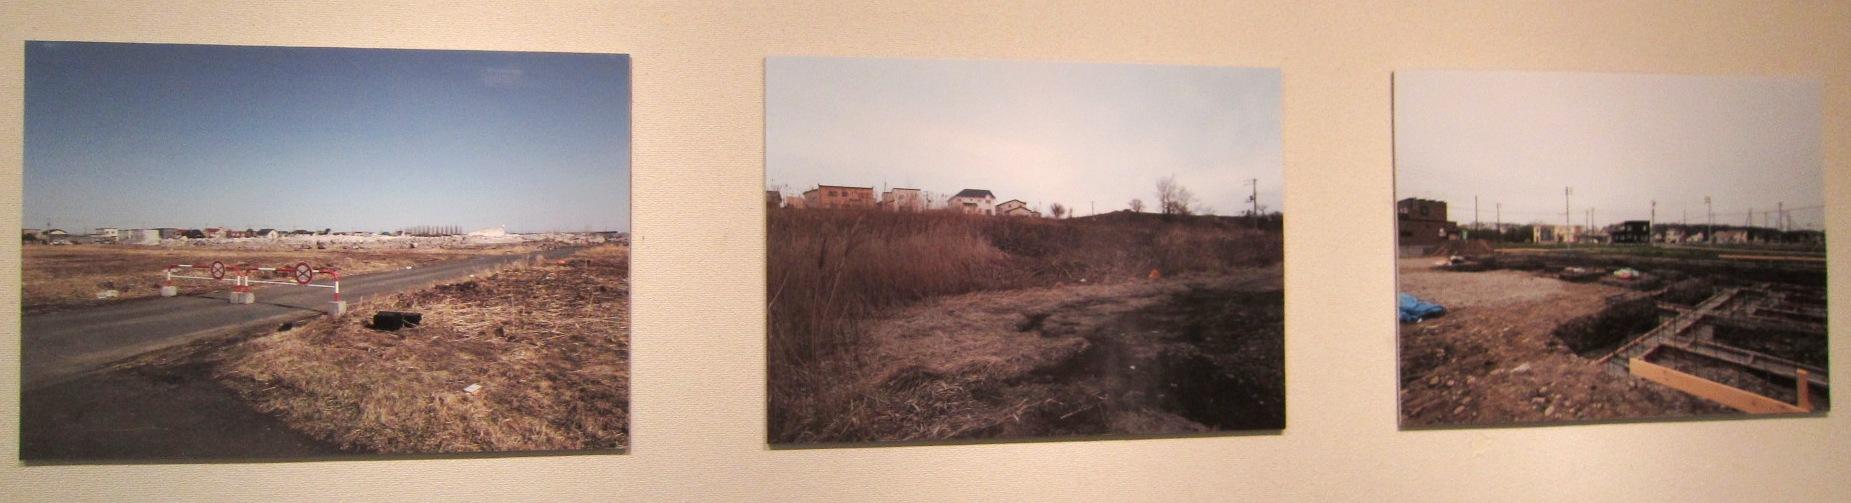 2526)⑦「群青後期『神成邦夫 写真展』」 アートスペース201 終了/2月4日(木)~2月9日(火)_f0126829_18403386.jpg